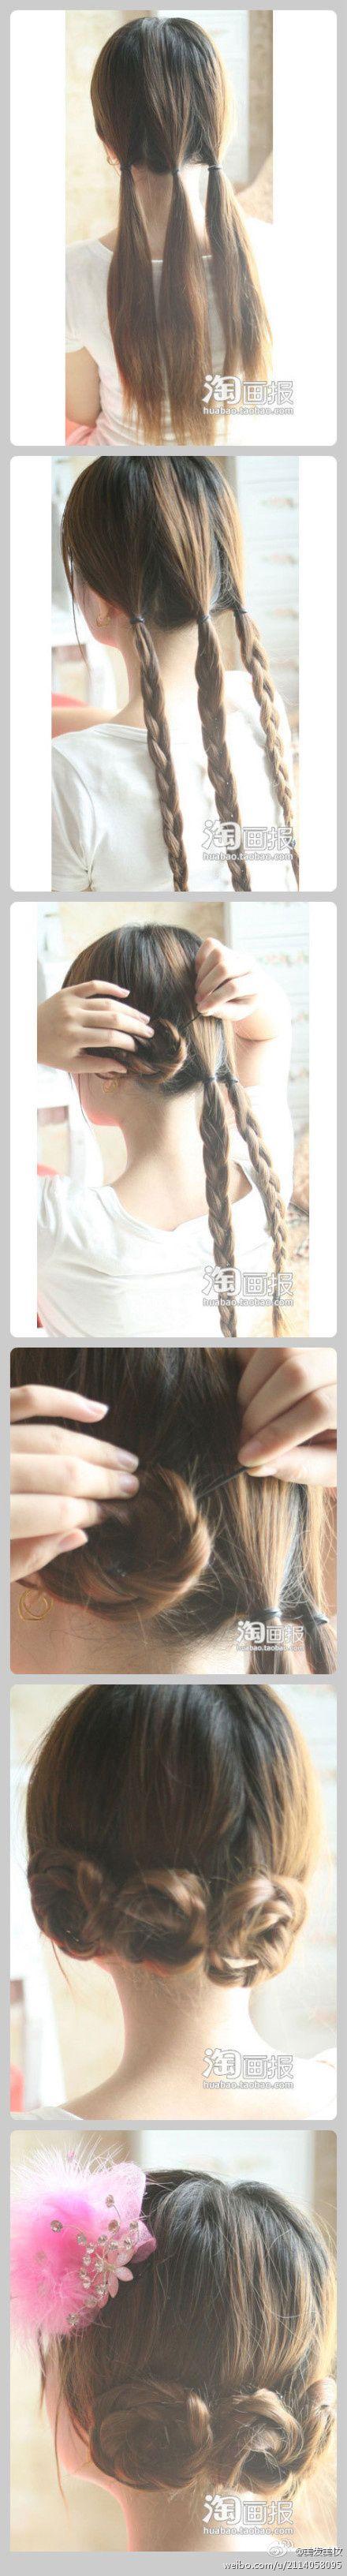 Cute and easy hair idea